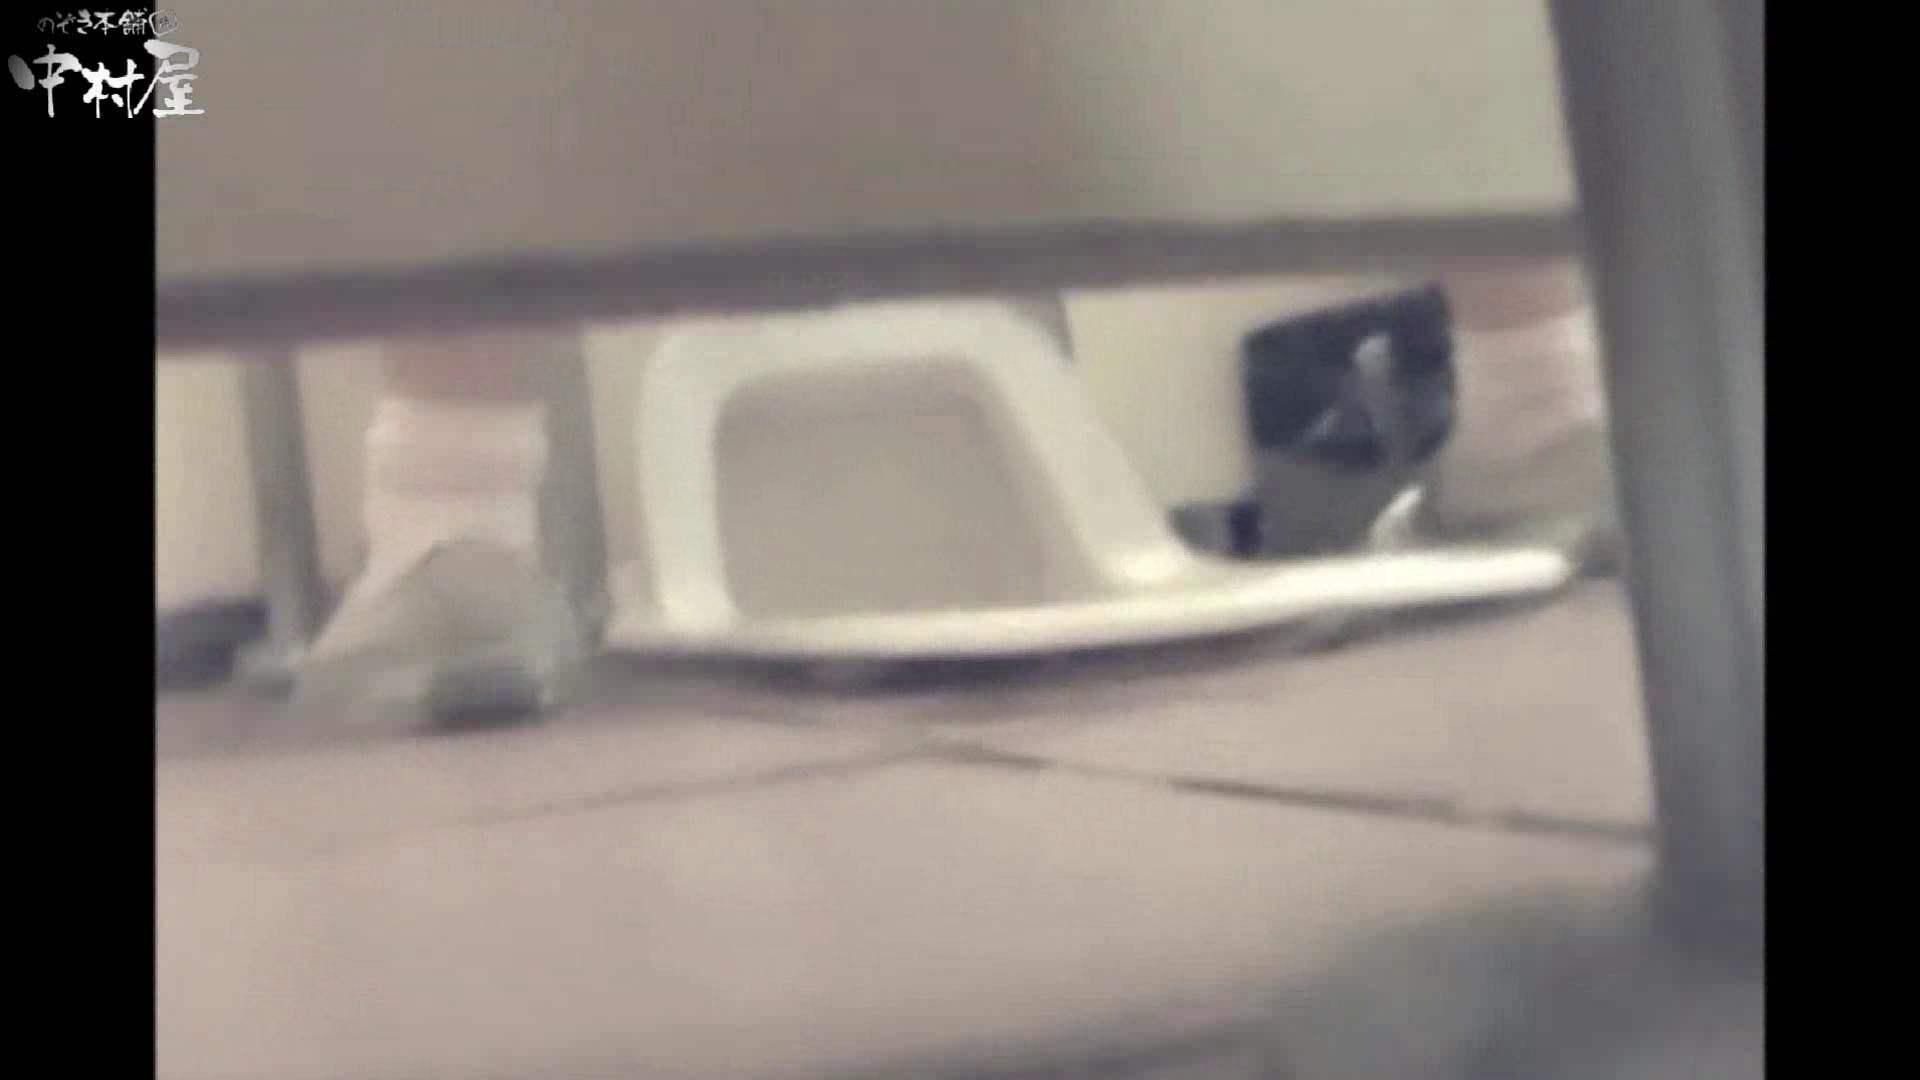 解禁!海の家4カメ洗面所vol.25 OLのエロ生活 オマンコ無修正動画無料 99連発 30